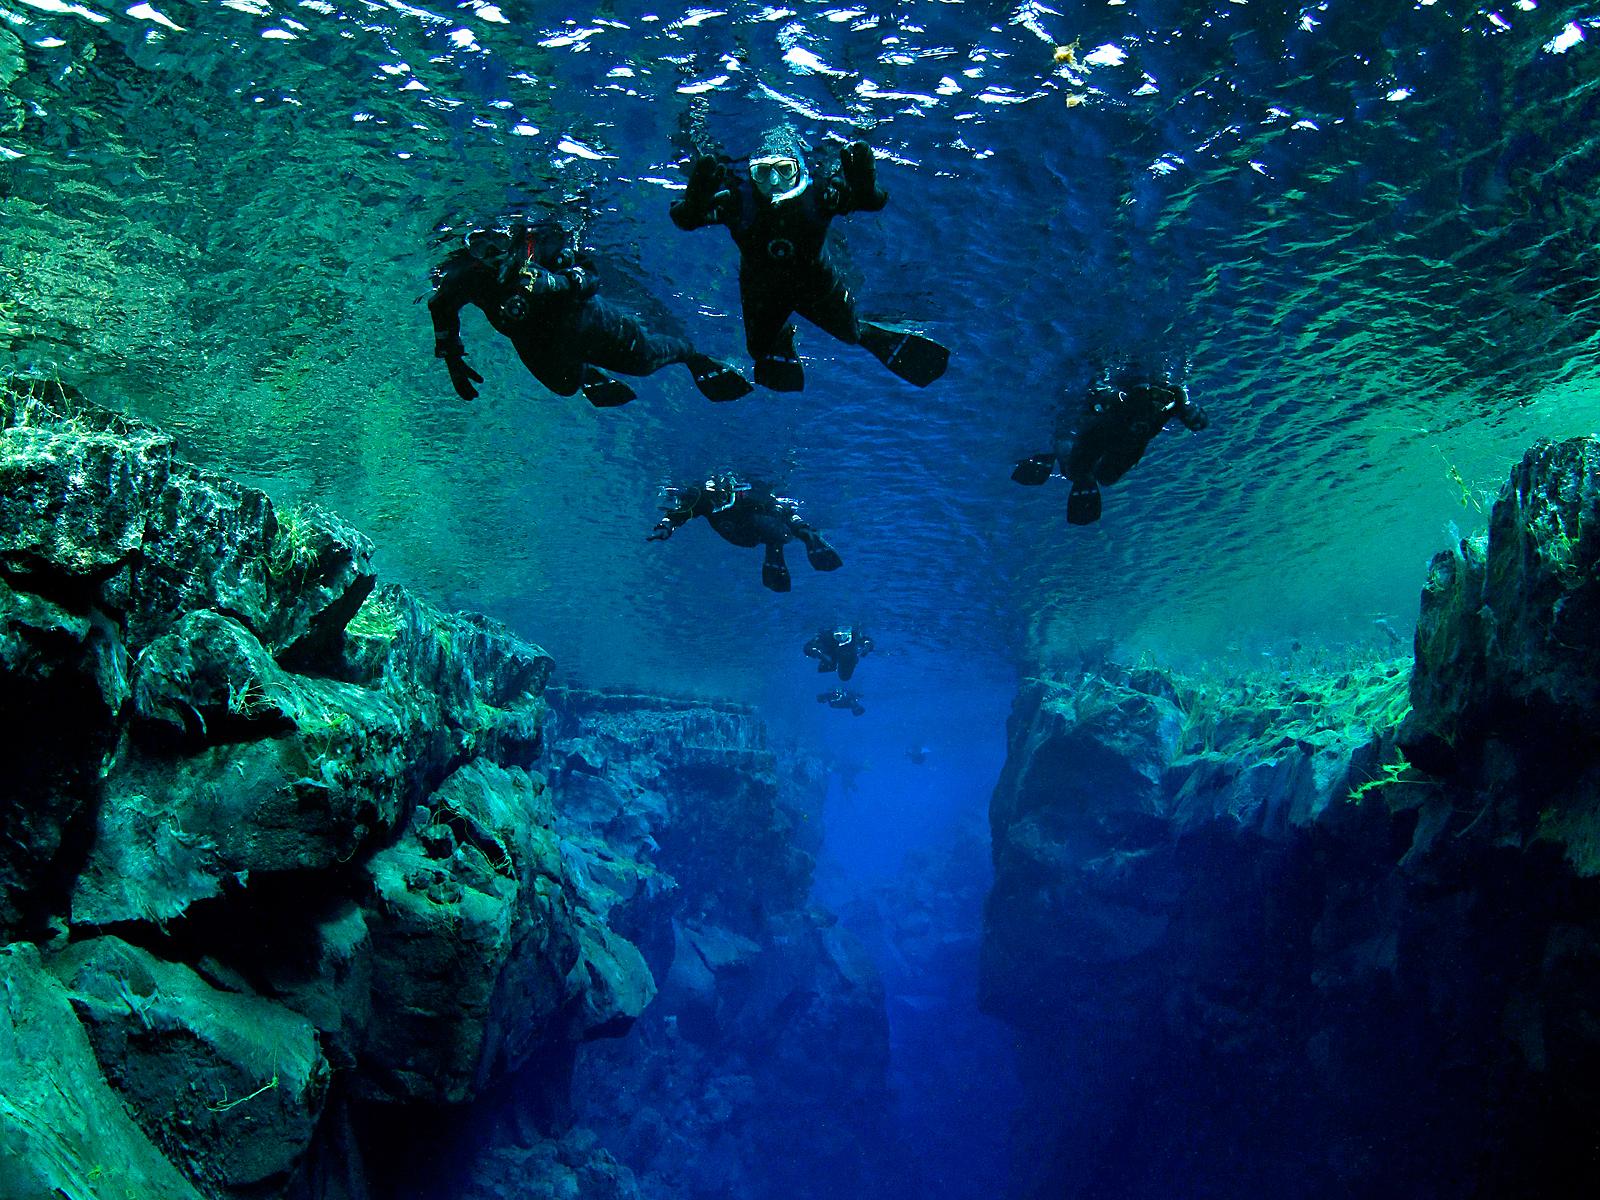 Разлом Сильфра часто относят к числу 10 лучших мест для плавания с аквалангом и снорклинга в мире